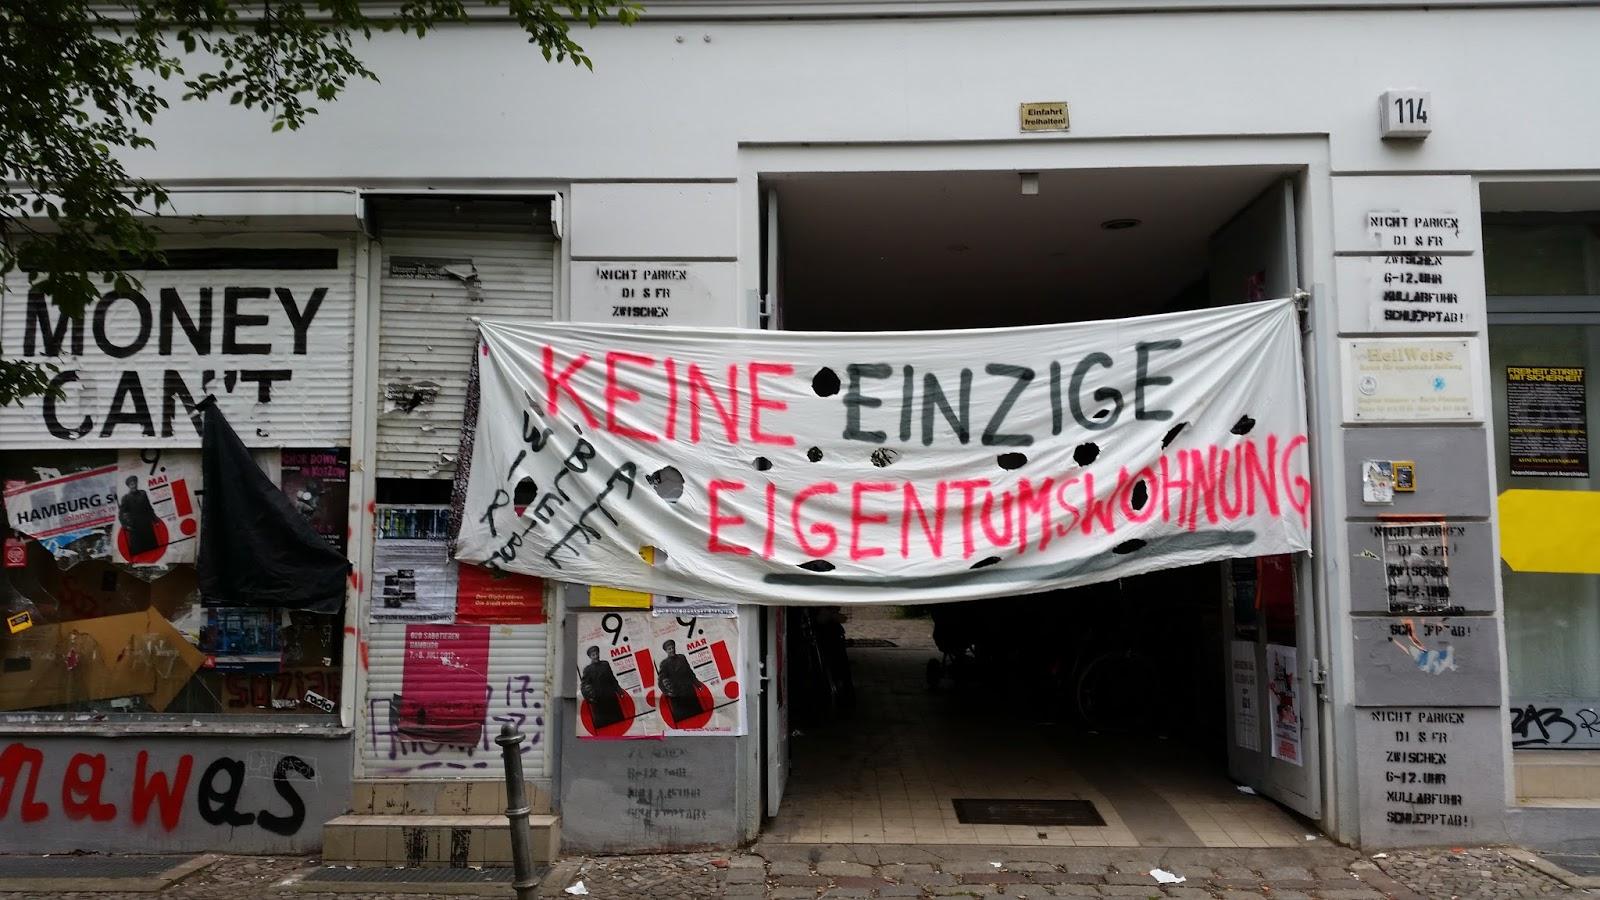 Belforter Str  Berlin Cafe